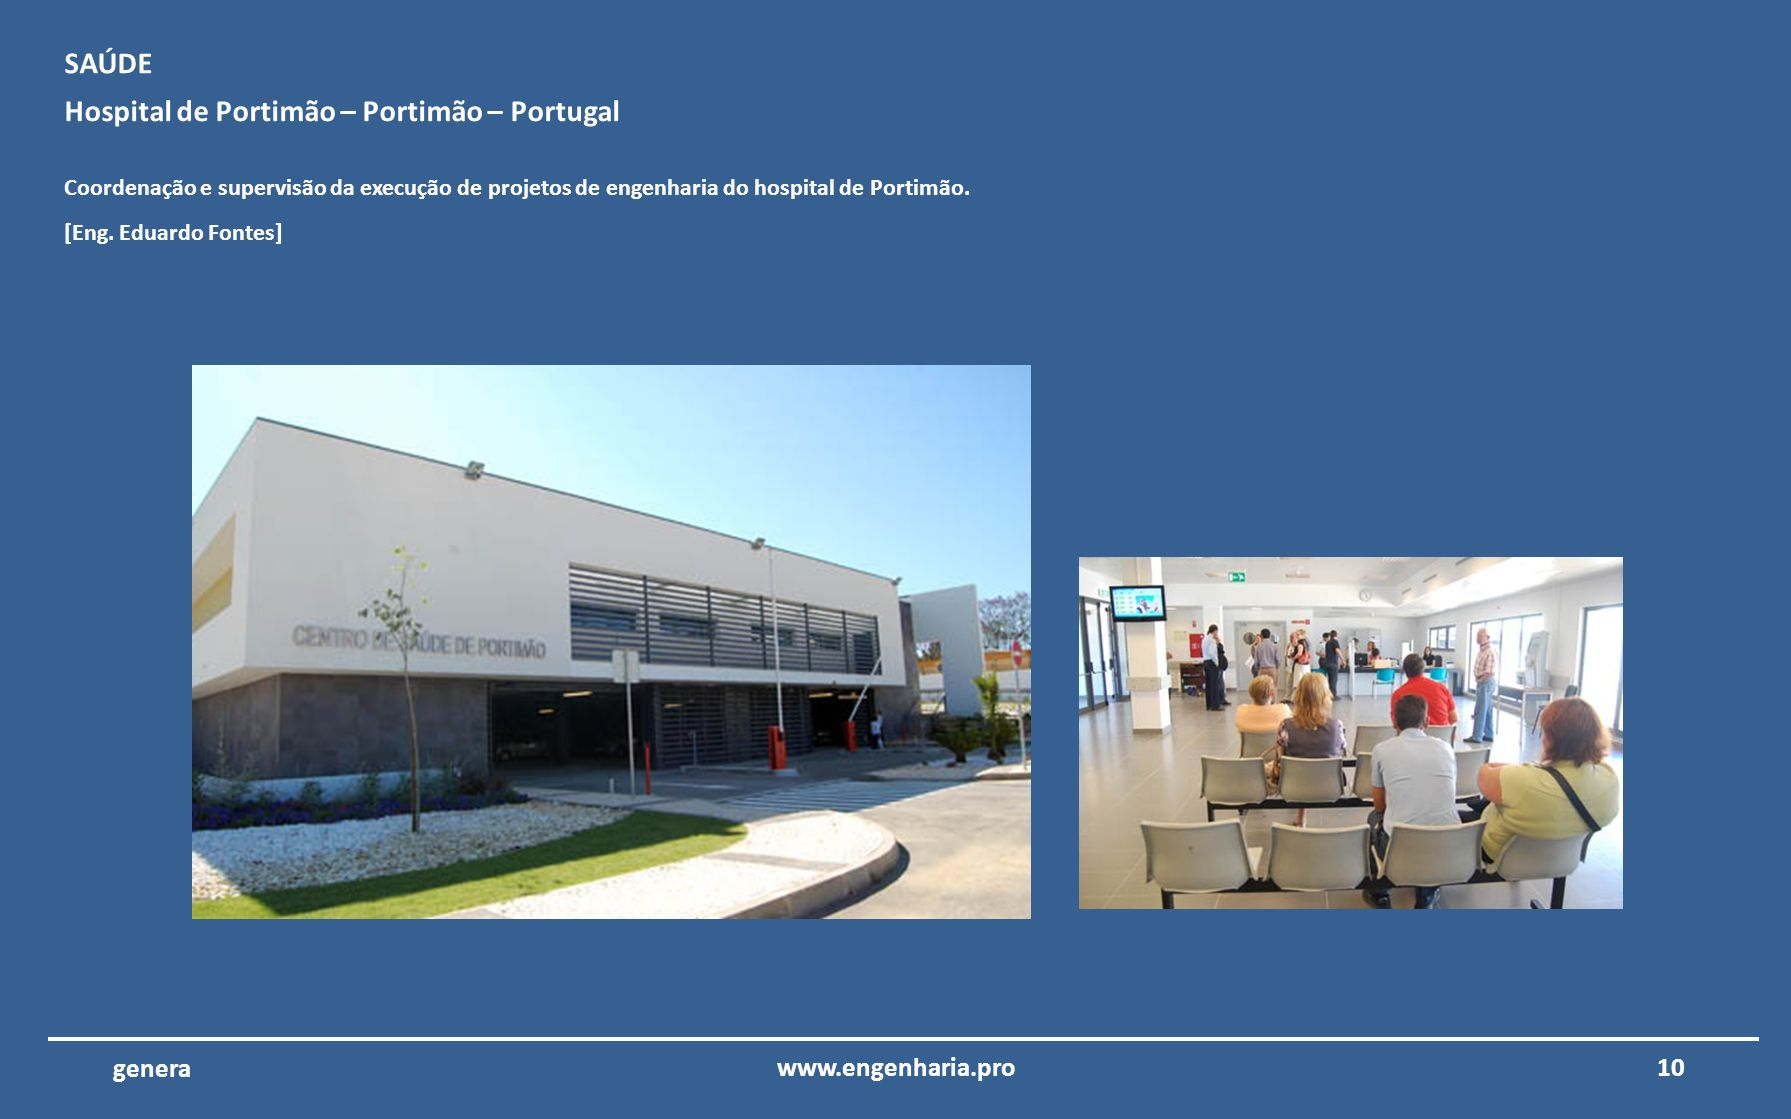 Hospital de Portimão – Portimão – Portugal